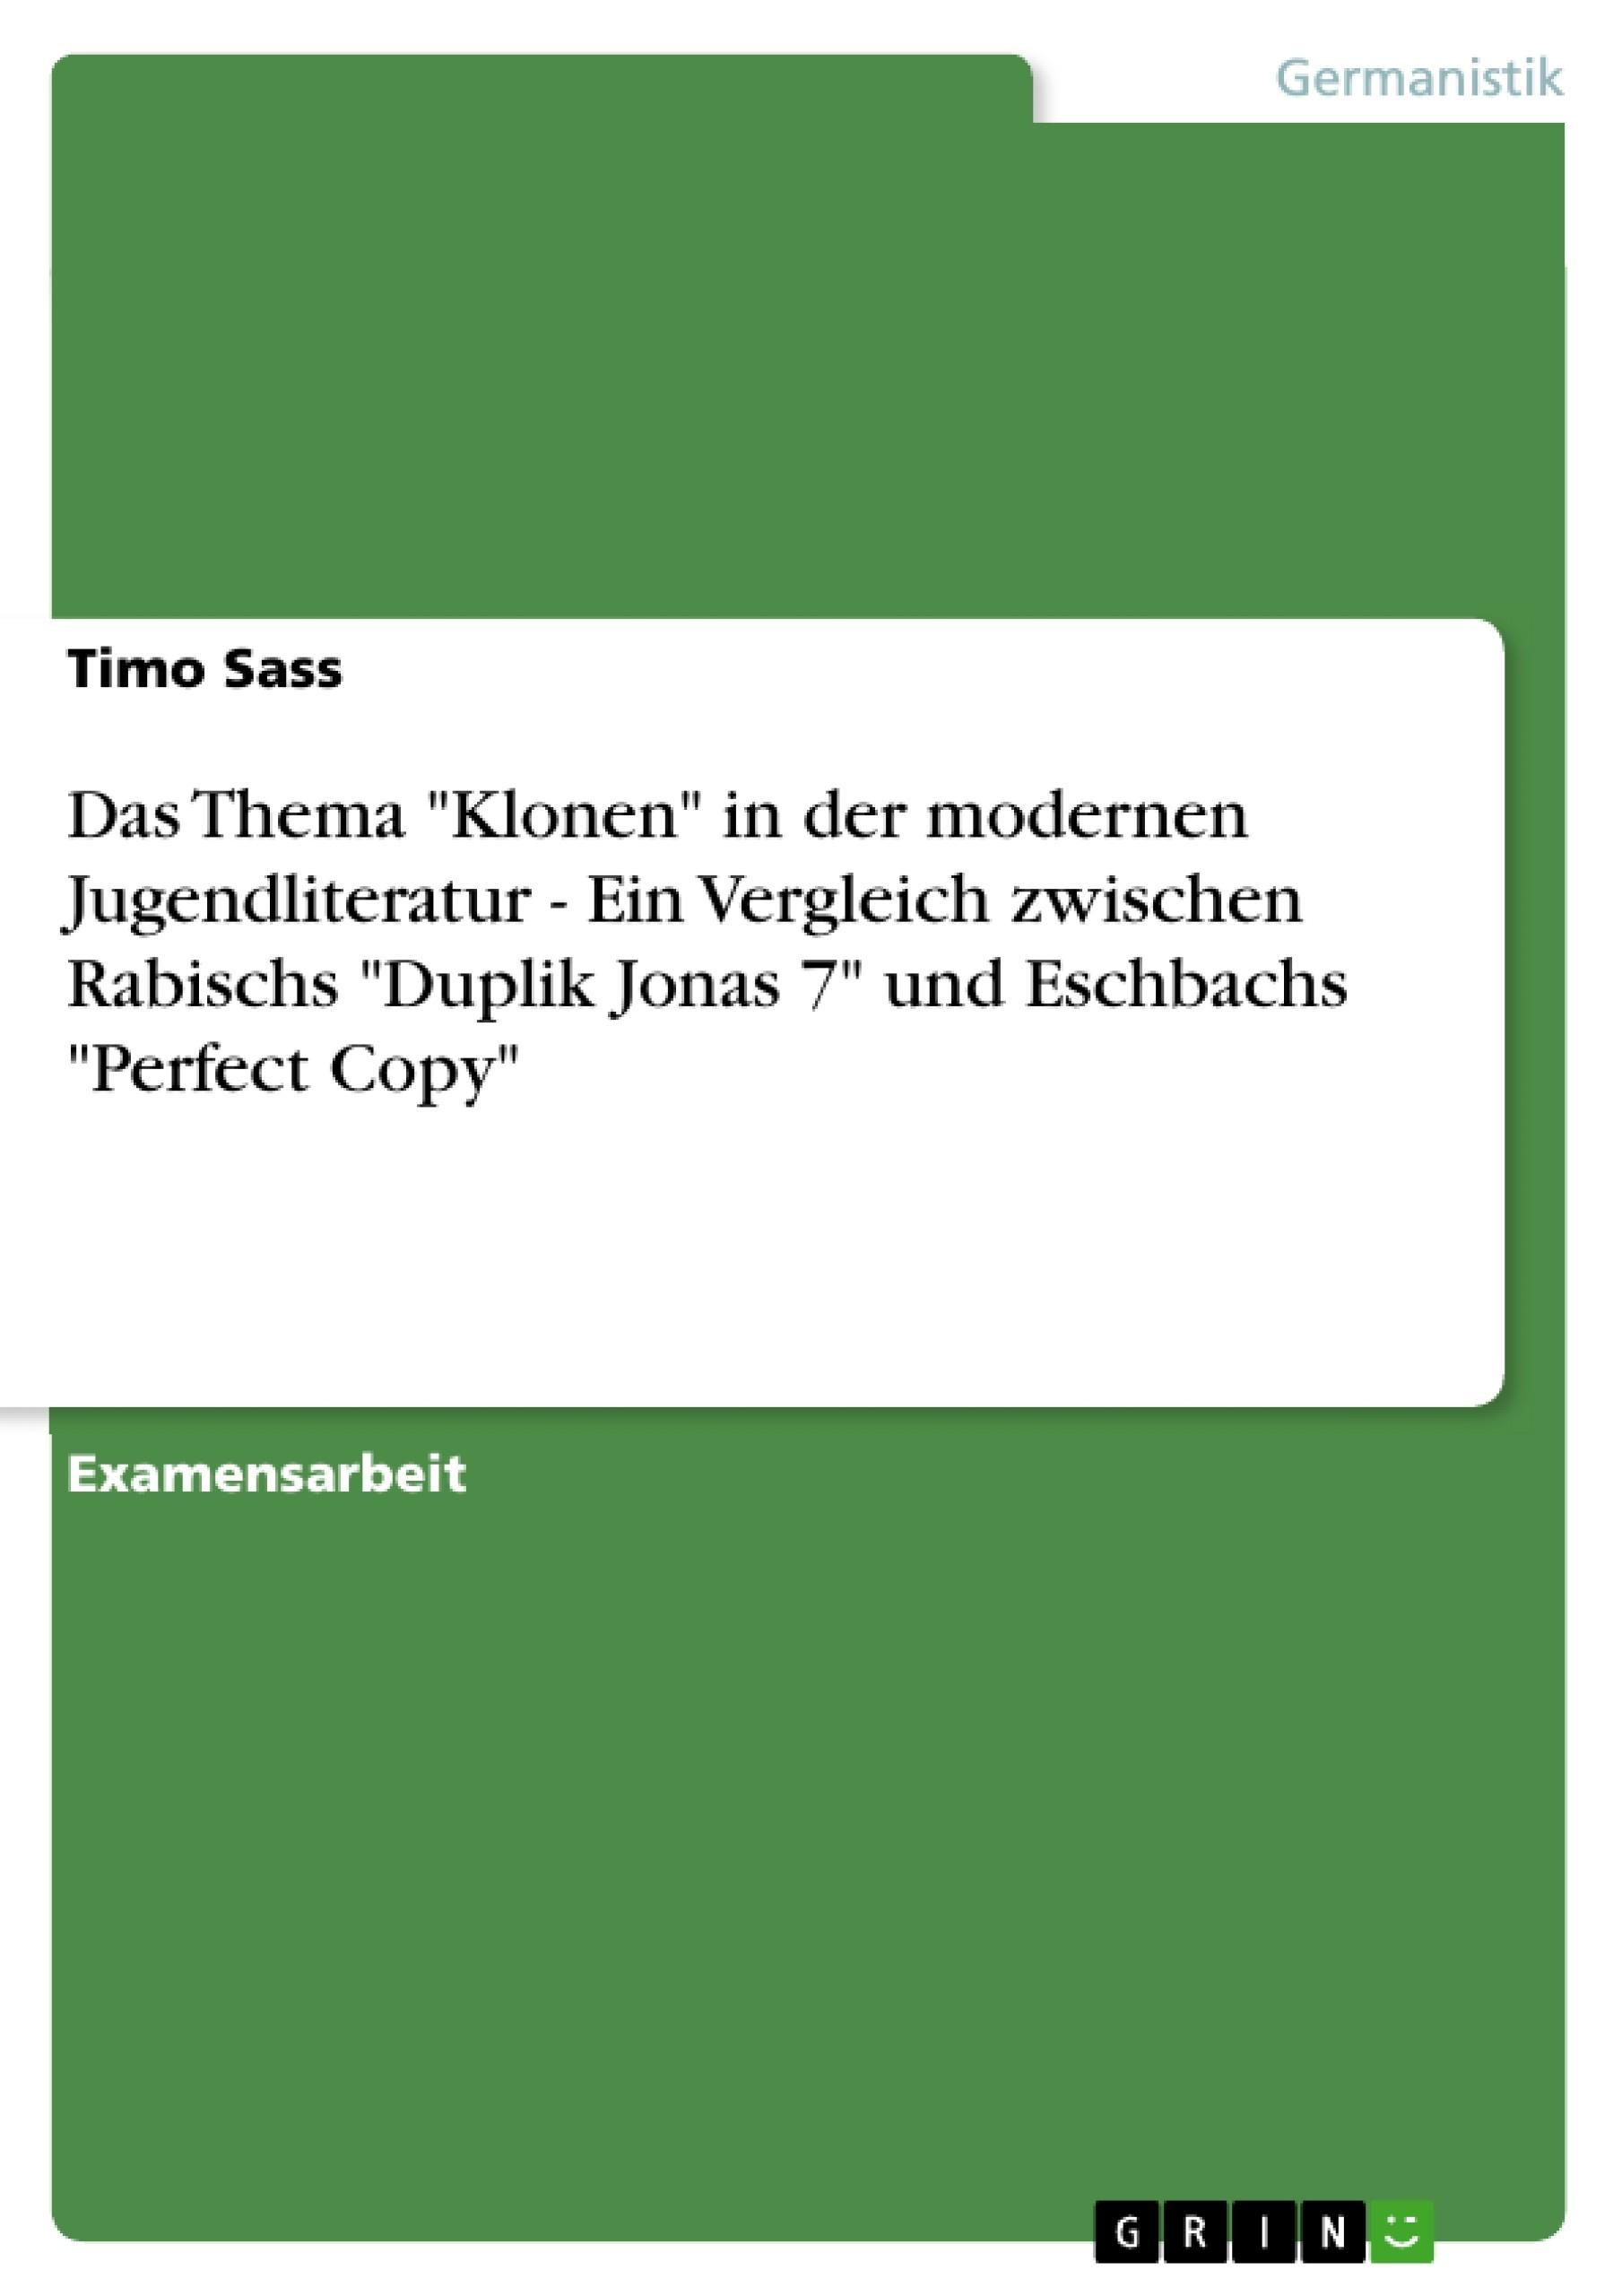 """Titel: Das Thema """"Klonen"""" in der modernen Jugendliteratur - Ein Vergleich zwischen Rabischs """"Duplik Jonas 7"""" und Eschbachs """"Perfect Copy"""""""